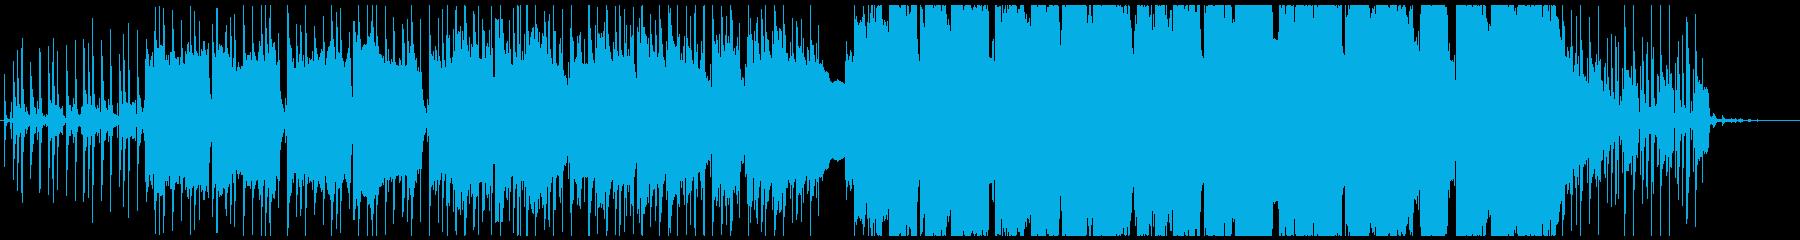 機械の街イメージのゆったりめシンセBGMの再生済みの波形